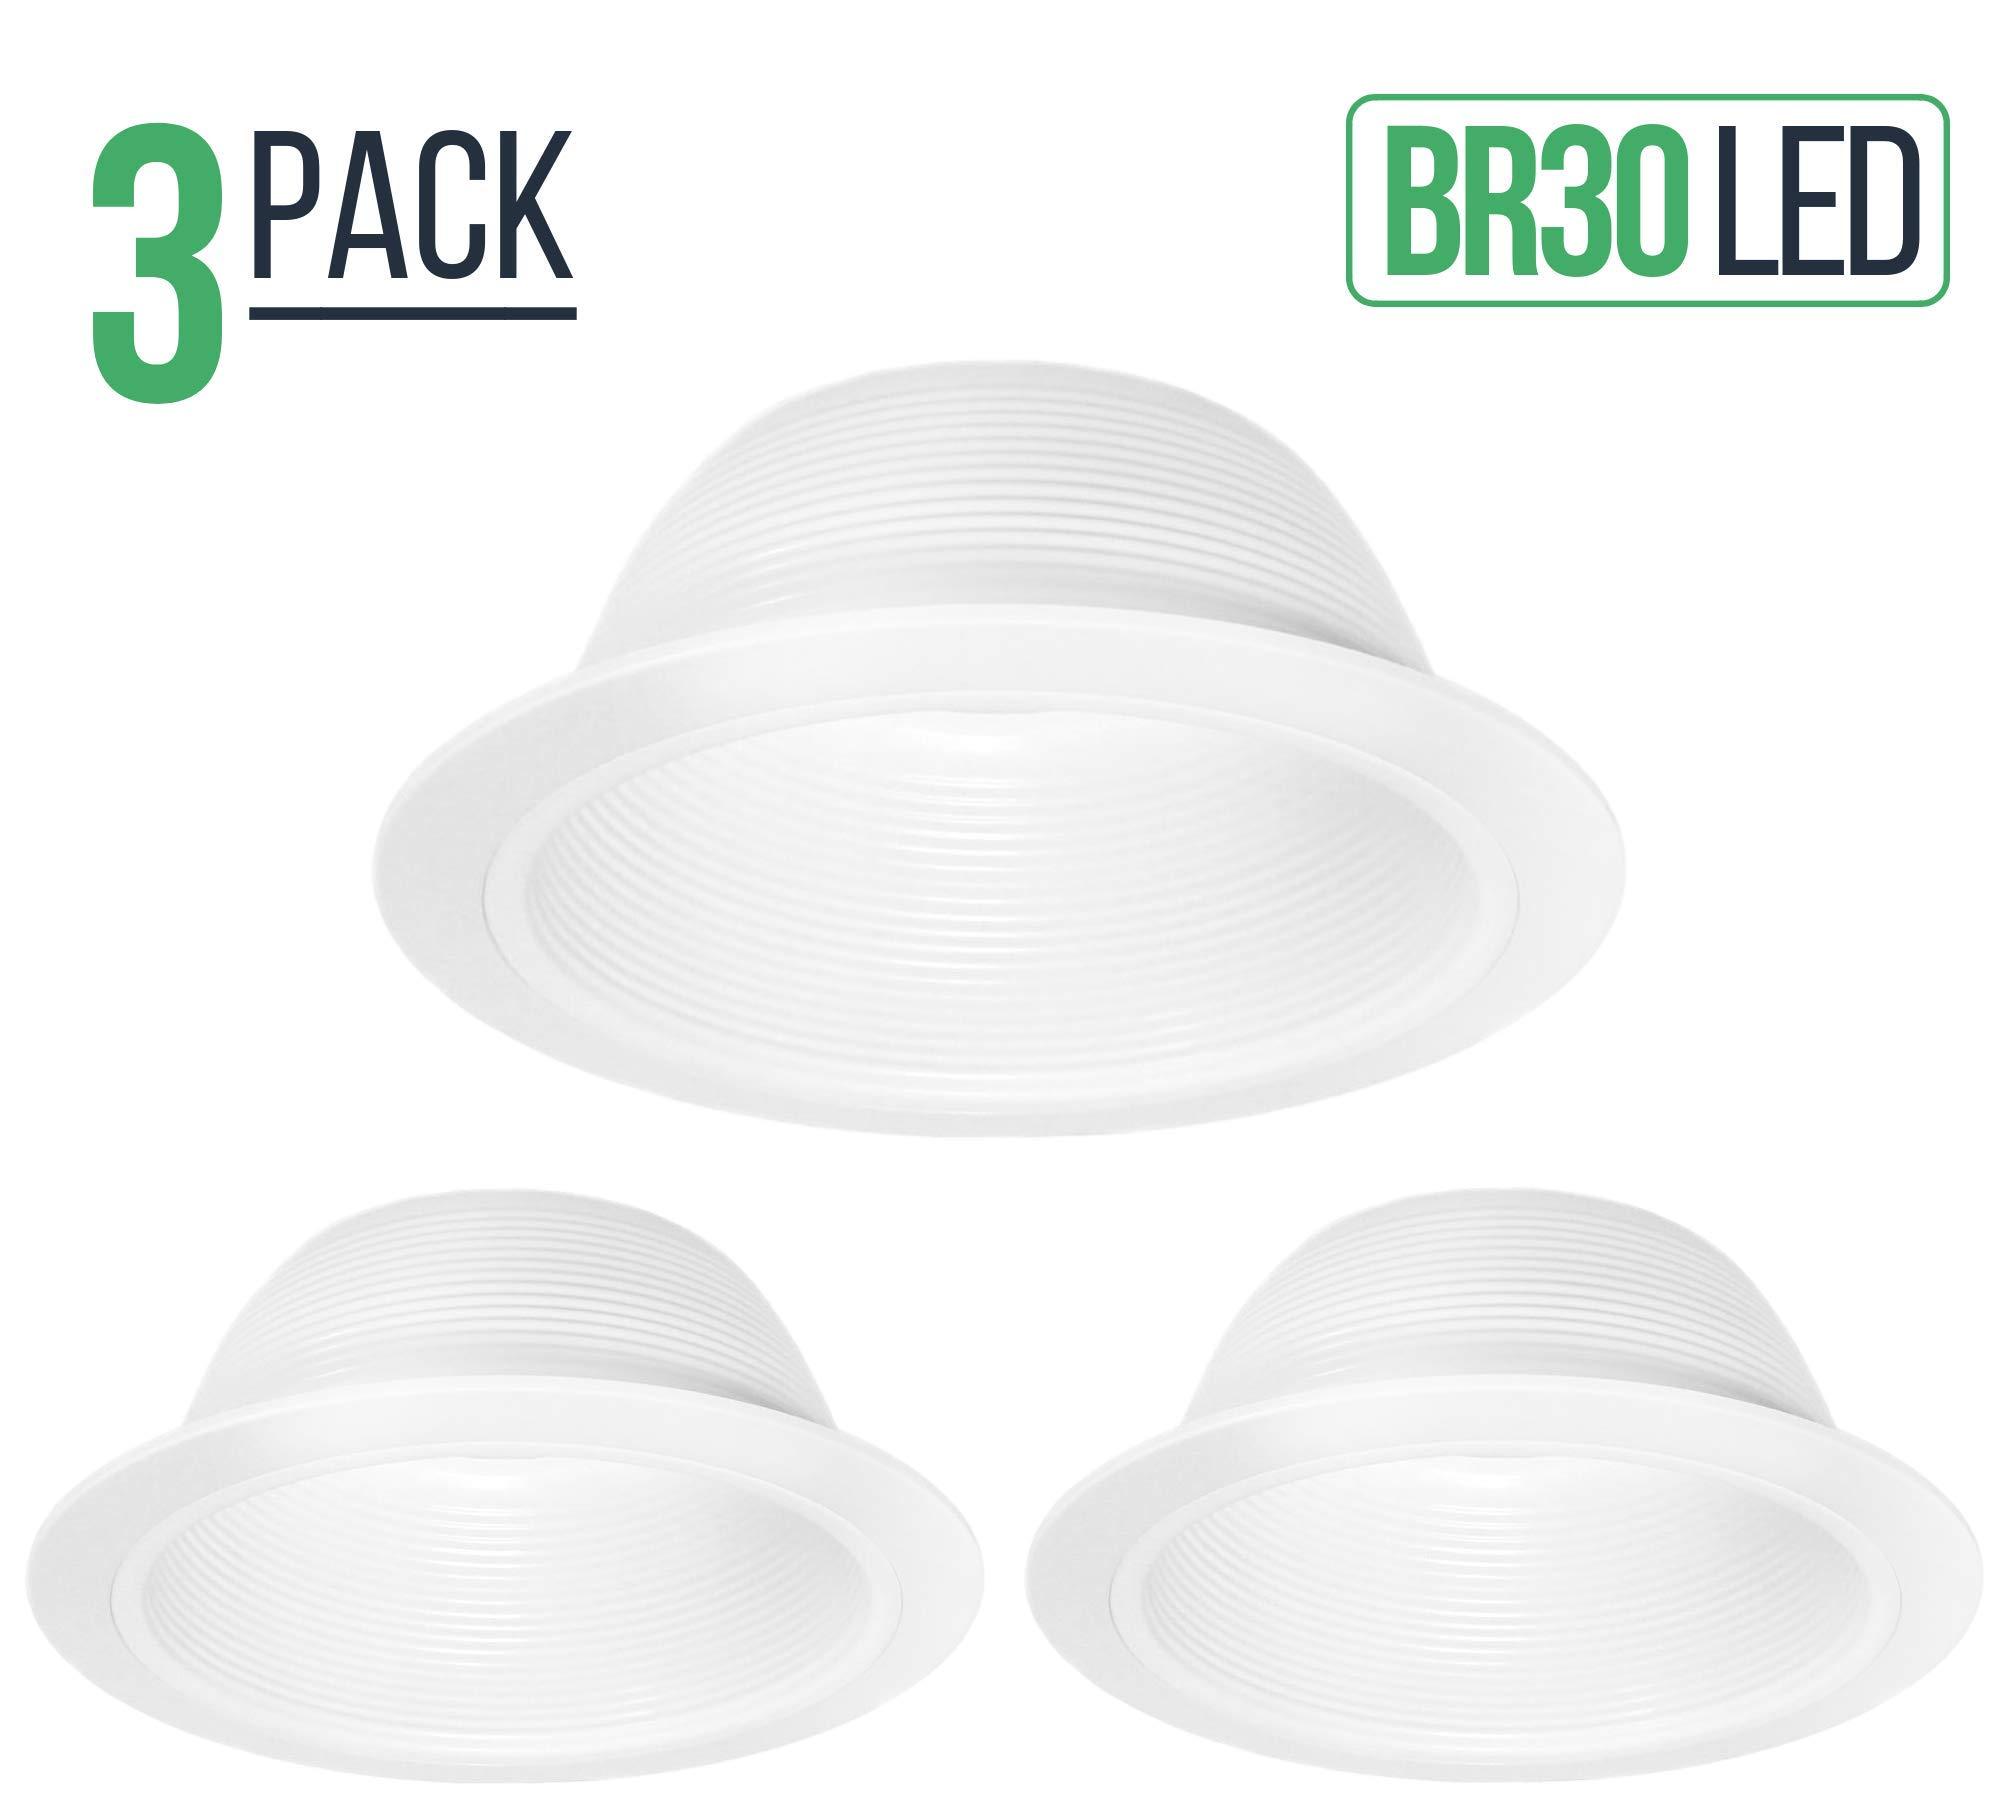 6'' Inch White Baffle Recessed Can Light Trim, Stepped, for BR30/38/40, PAR30/38, LED, Incandescent, CFL, Halogen (3 Pack)